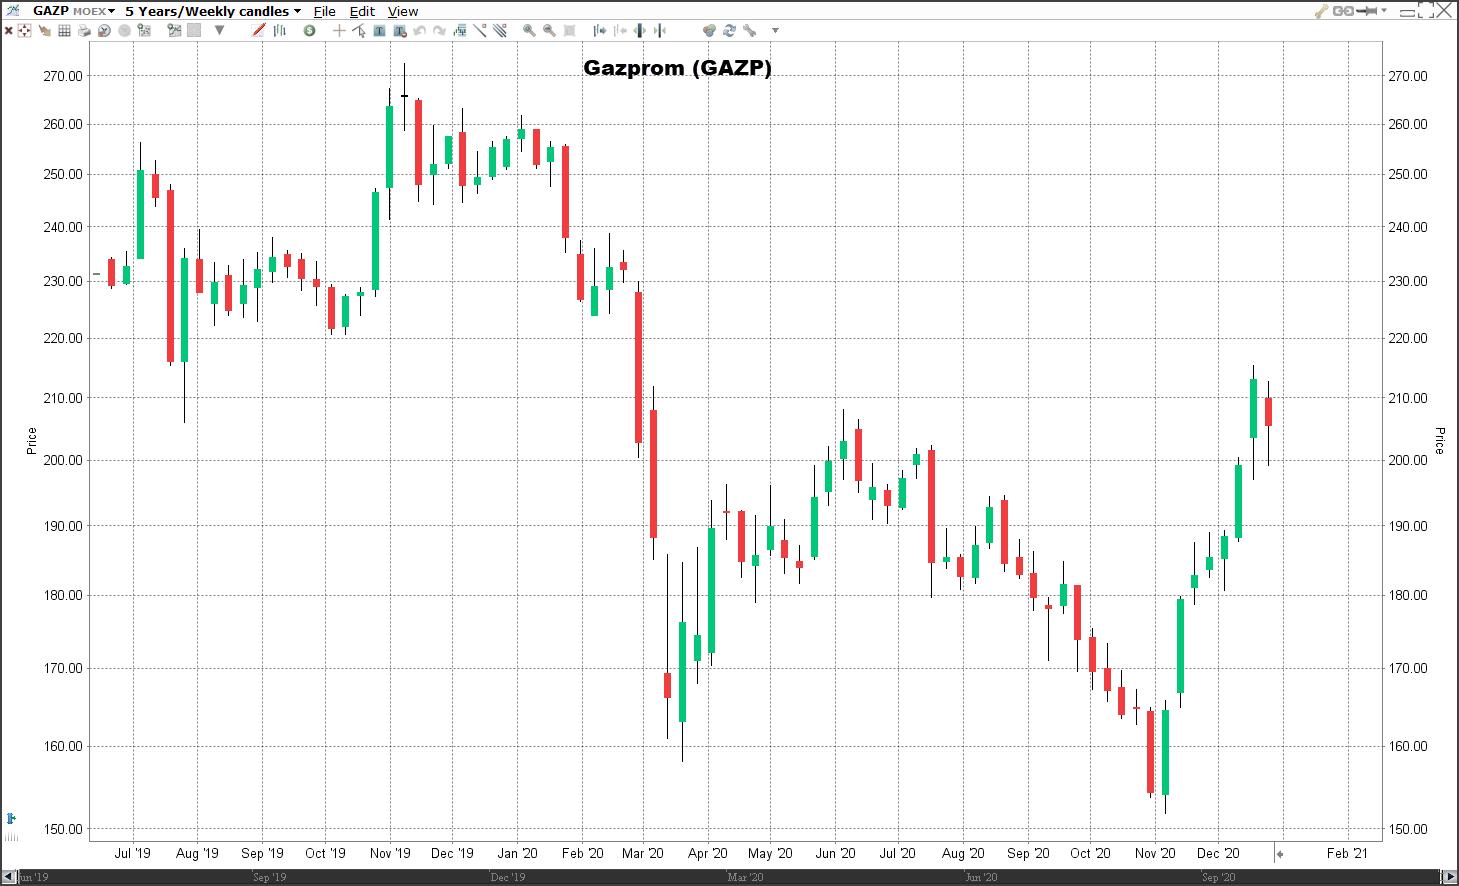 Aandeel Gazprom koers | Welke aandelen kopen 2021?